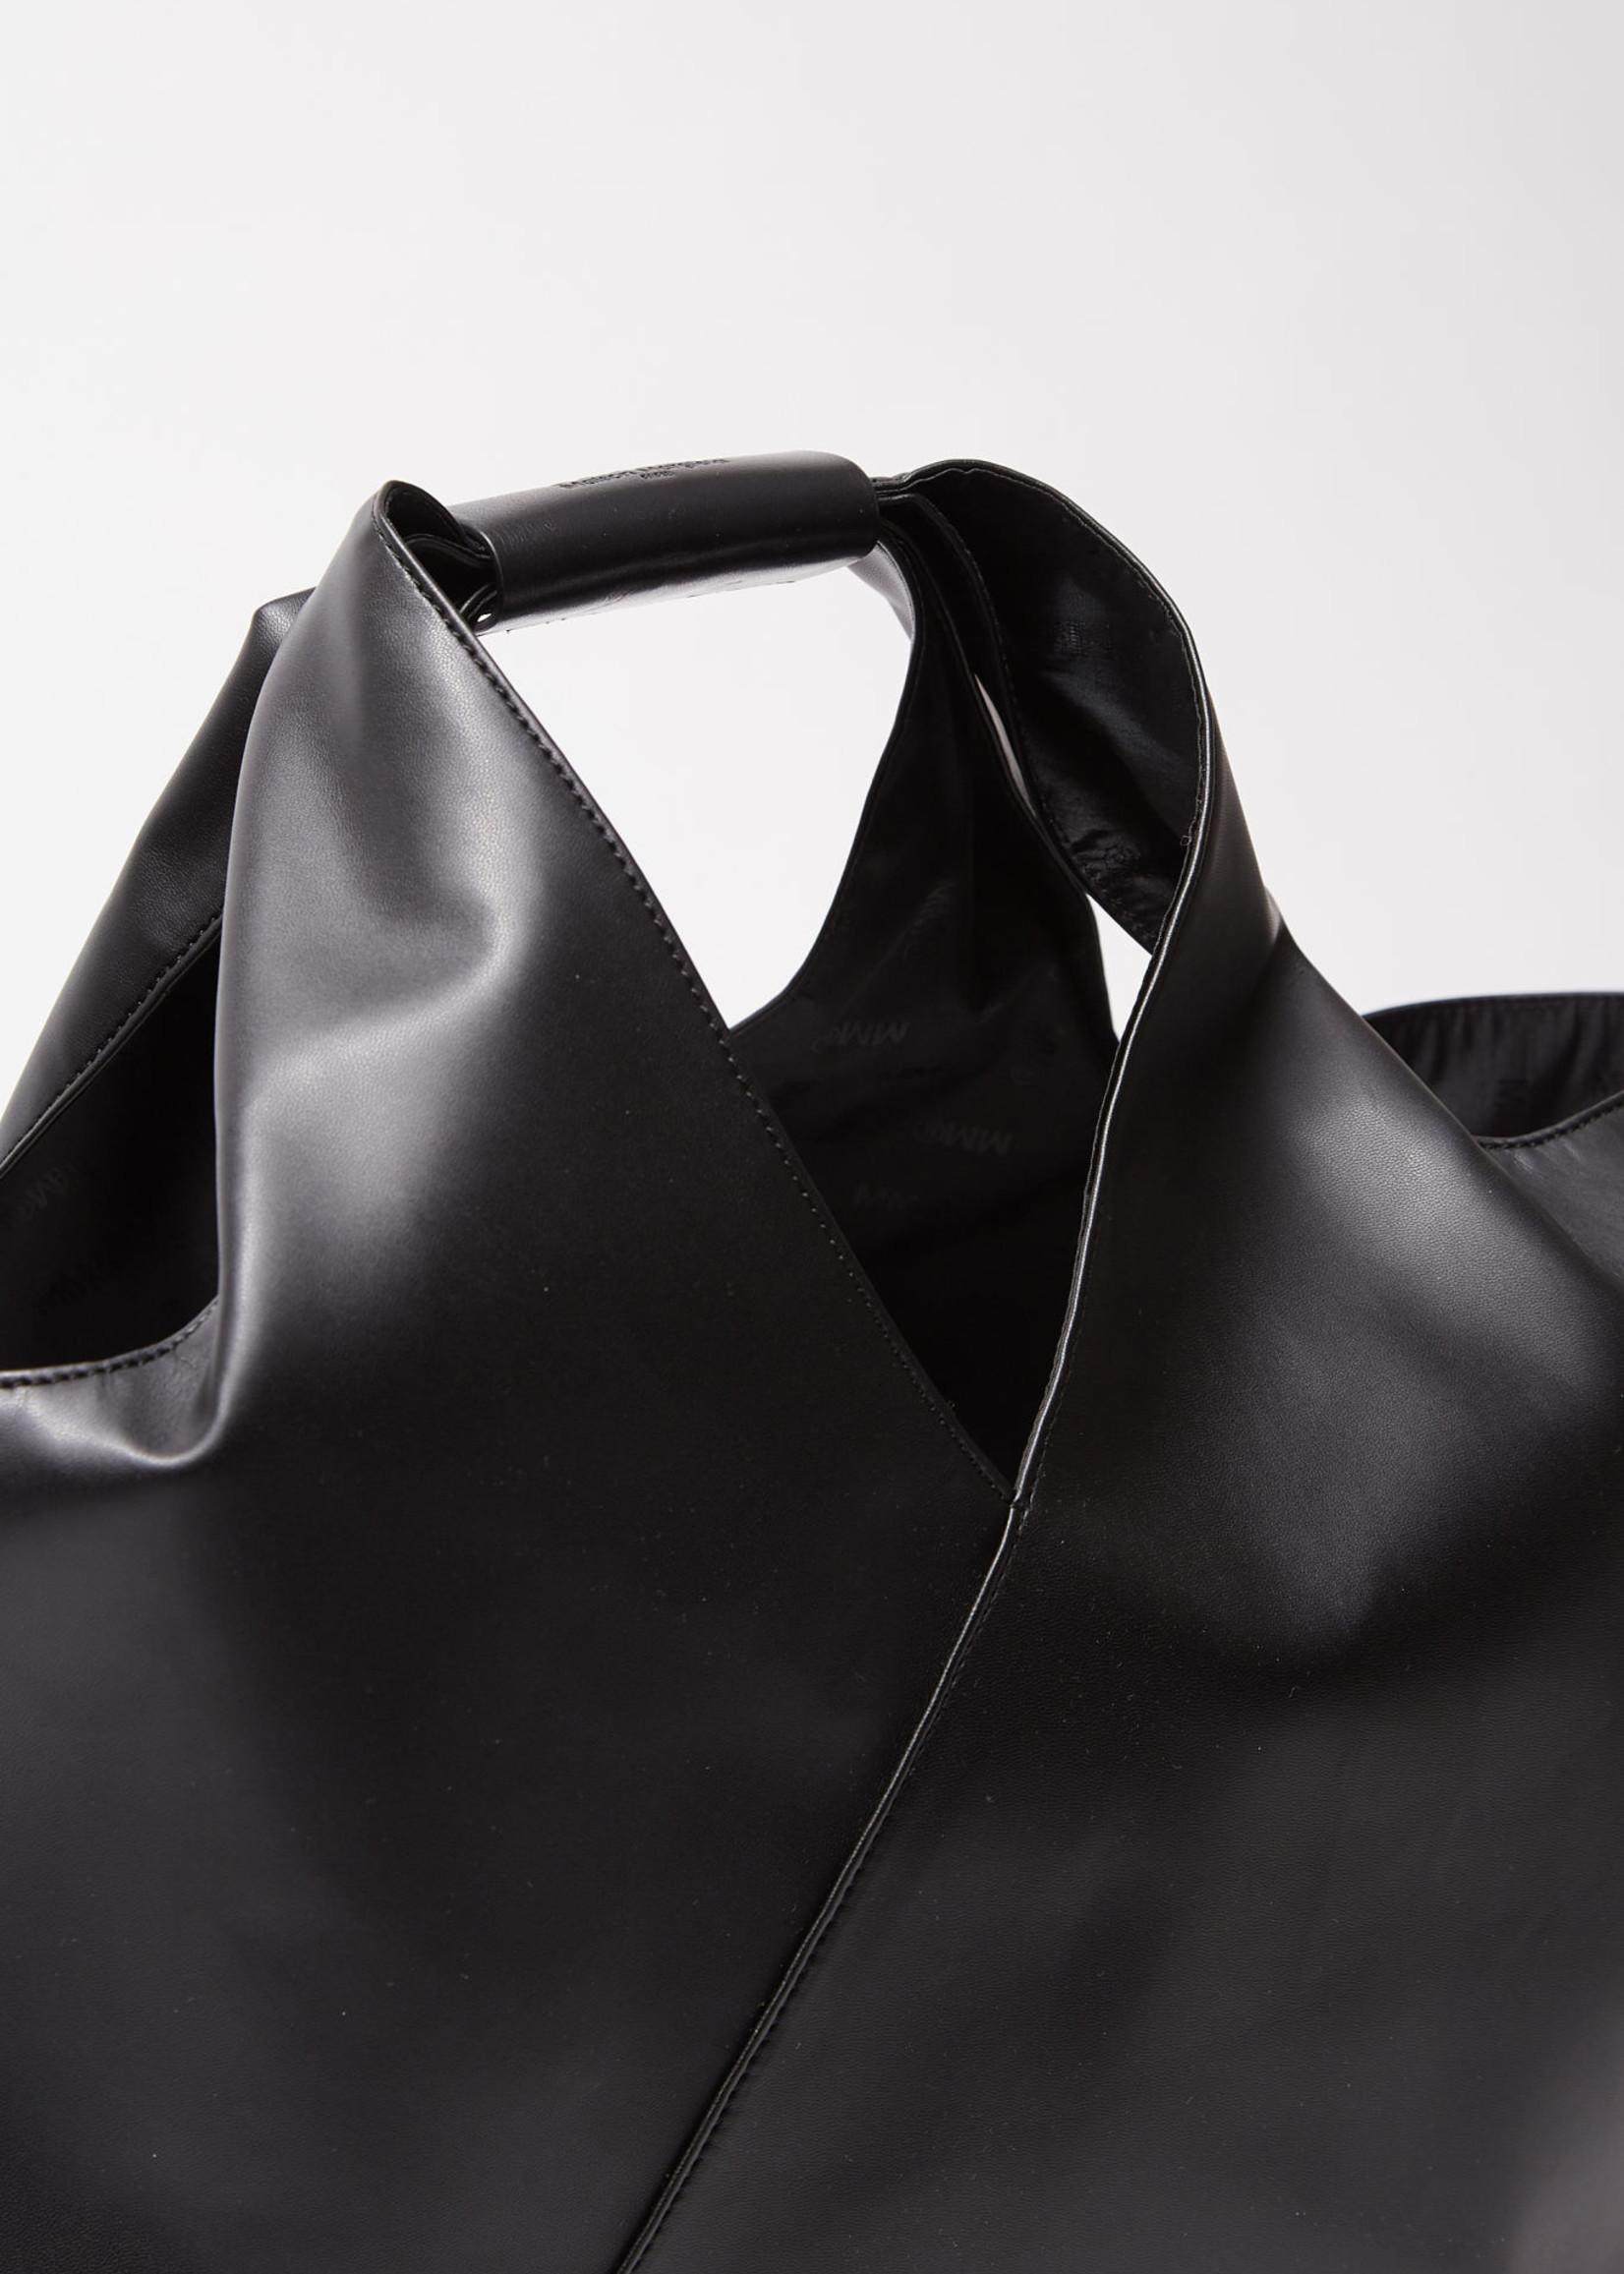 MM6 MAISON MARGIELA MM6 Maison Margiela Folded Japanese Tote in Black Vegan Leather